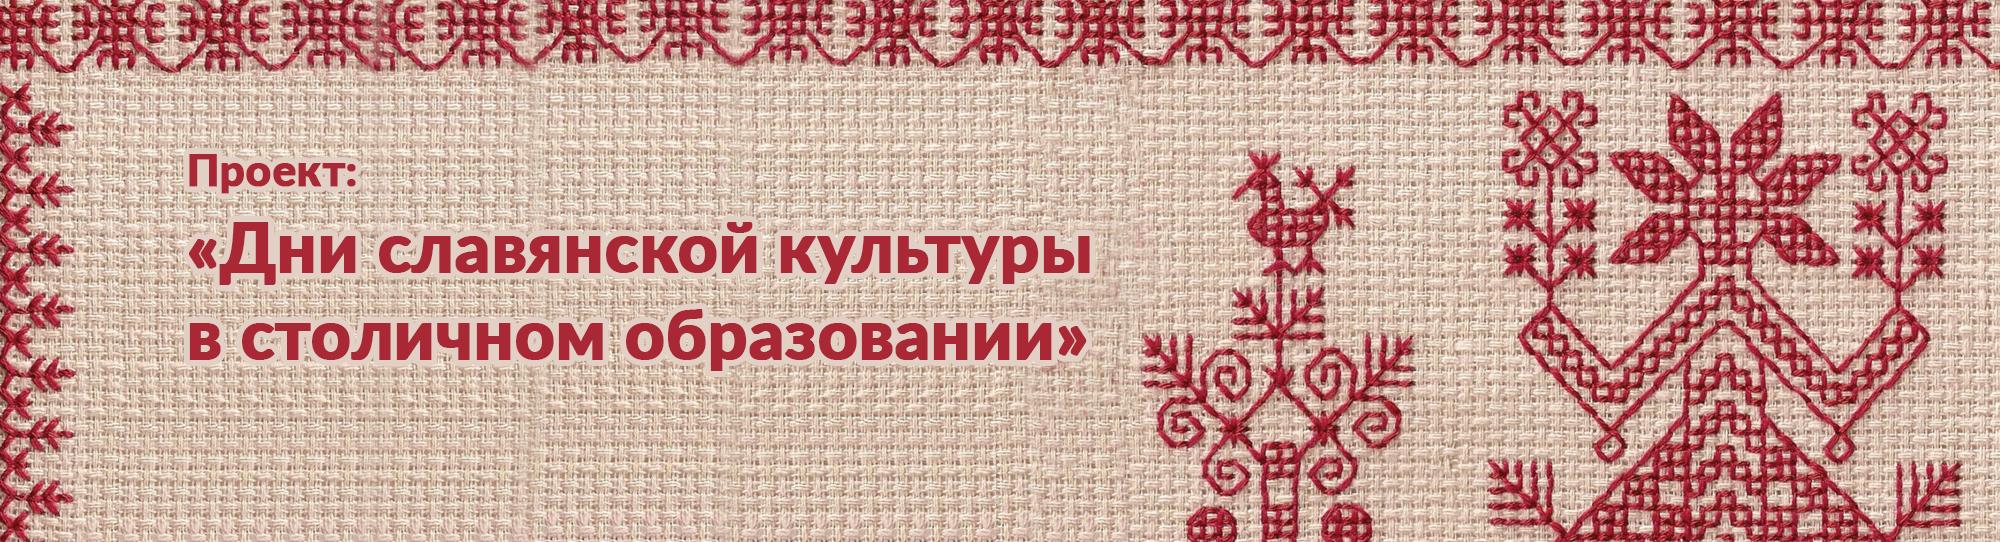 Баннер Дни славянской культуры